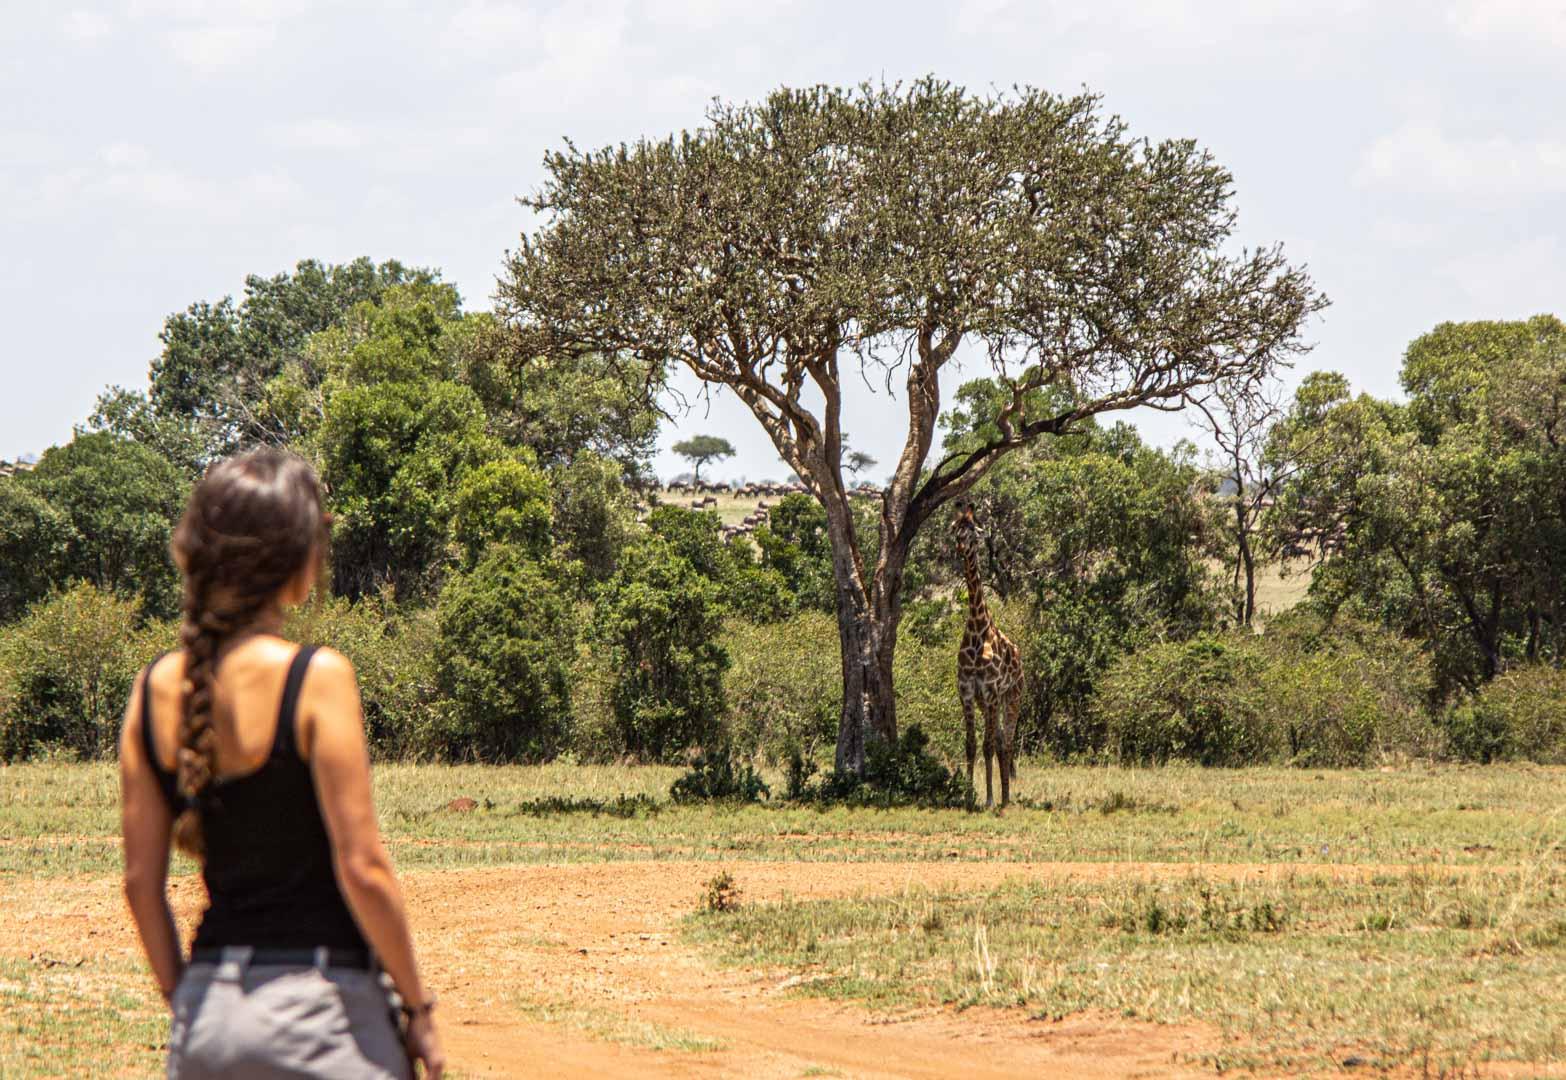 Primer animal que veía encontrándome fuera de la minivan, Masai Mara, Kenia